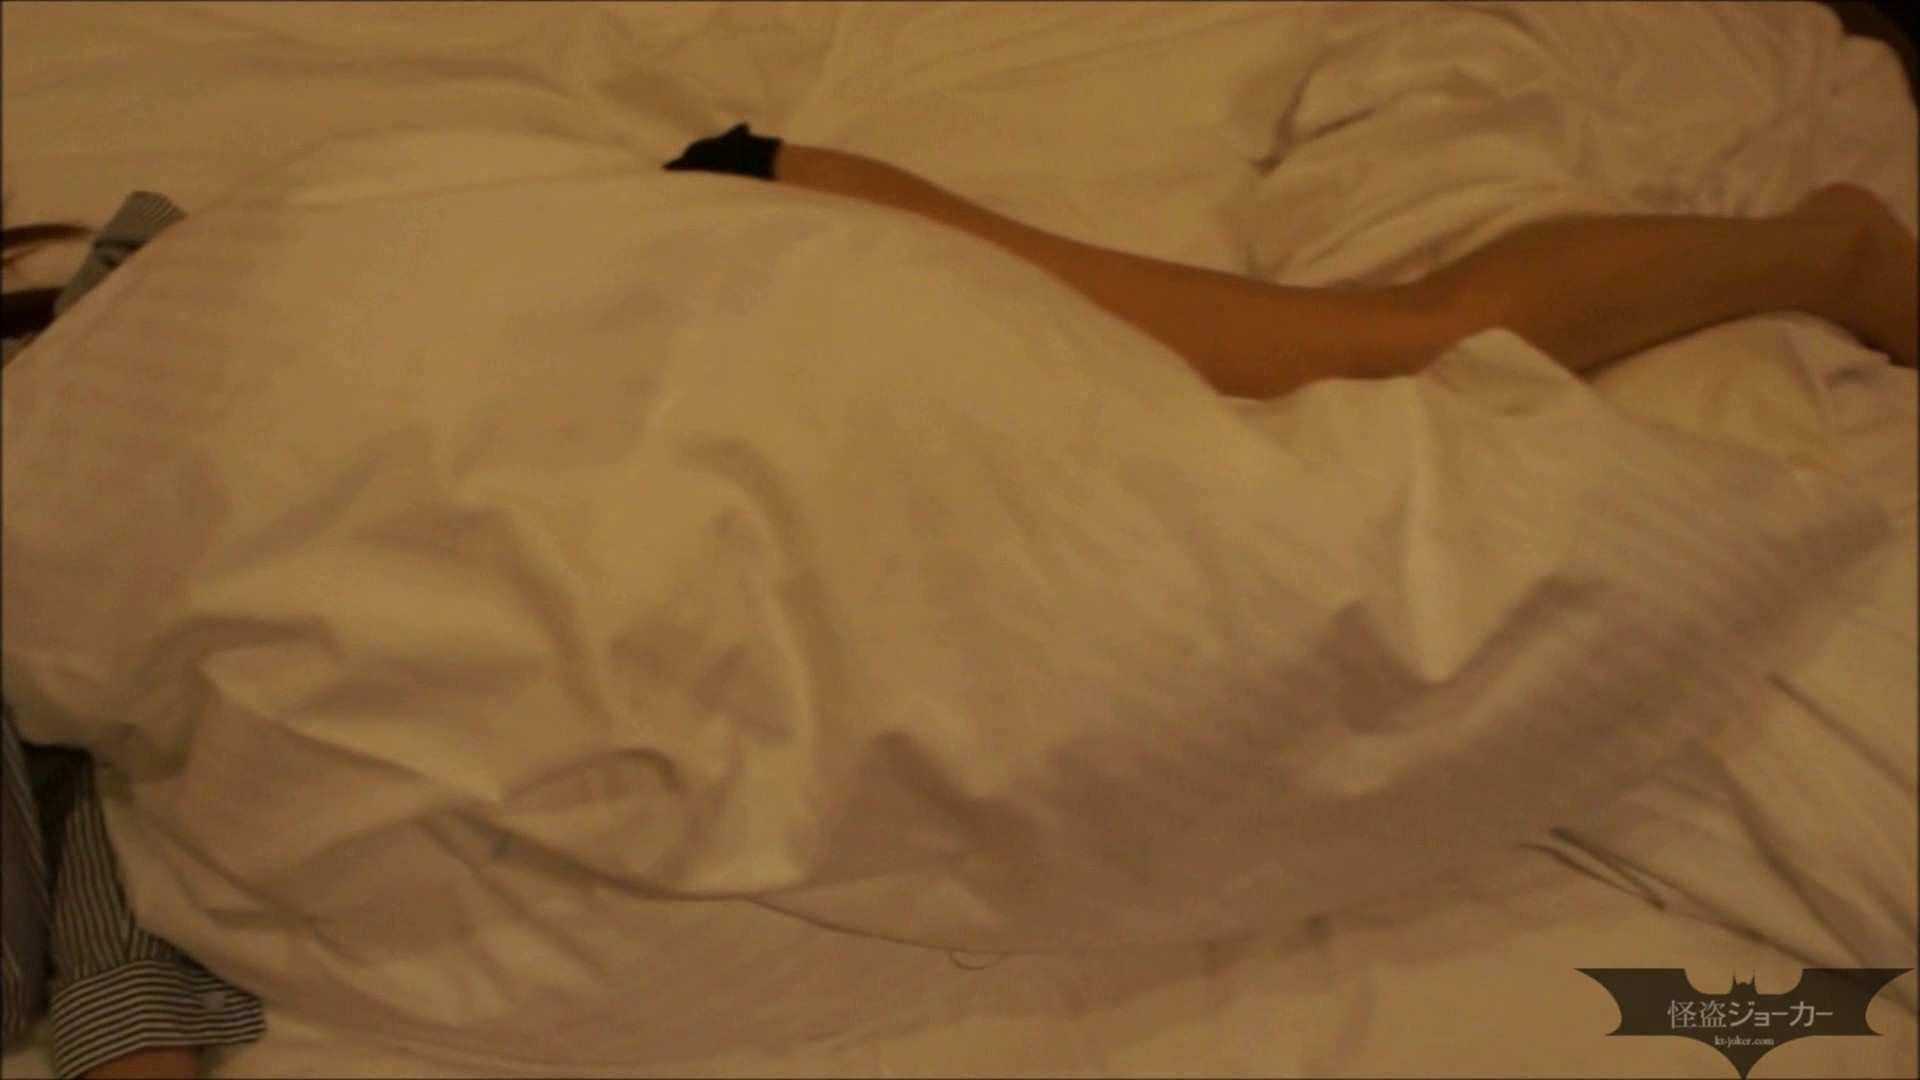 【未公開】vol.19 セレブ美魔女・仕事帰りに口淫、膣内射精、滴り落ちる精液。 盛合せ おめこ無修正動画無料 86枚 46